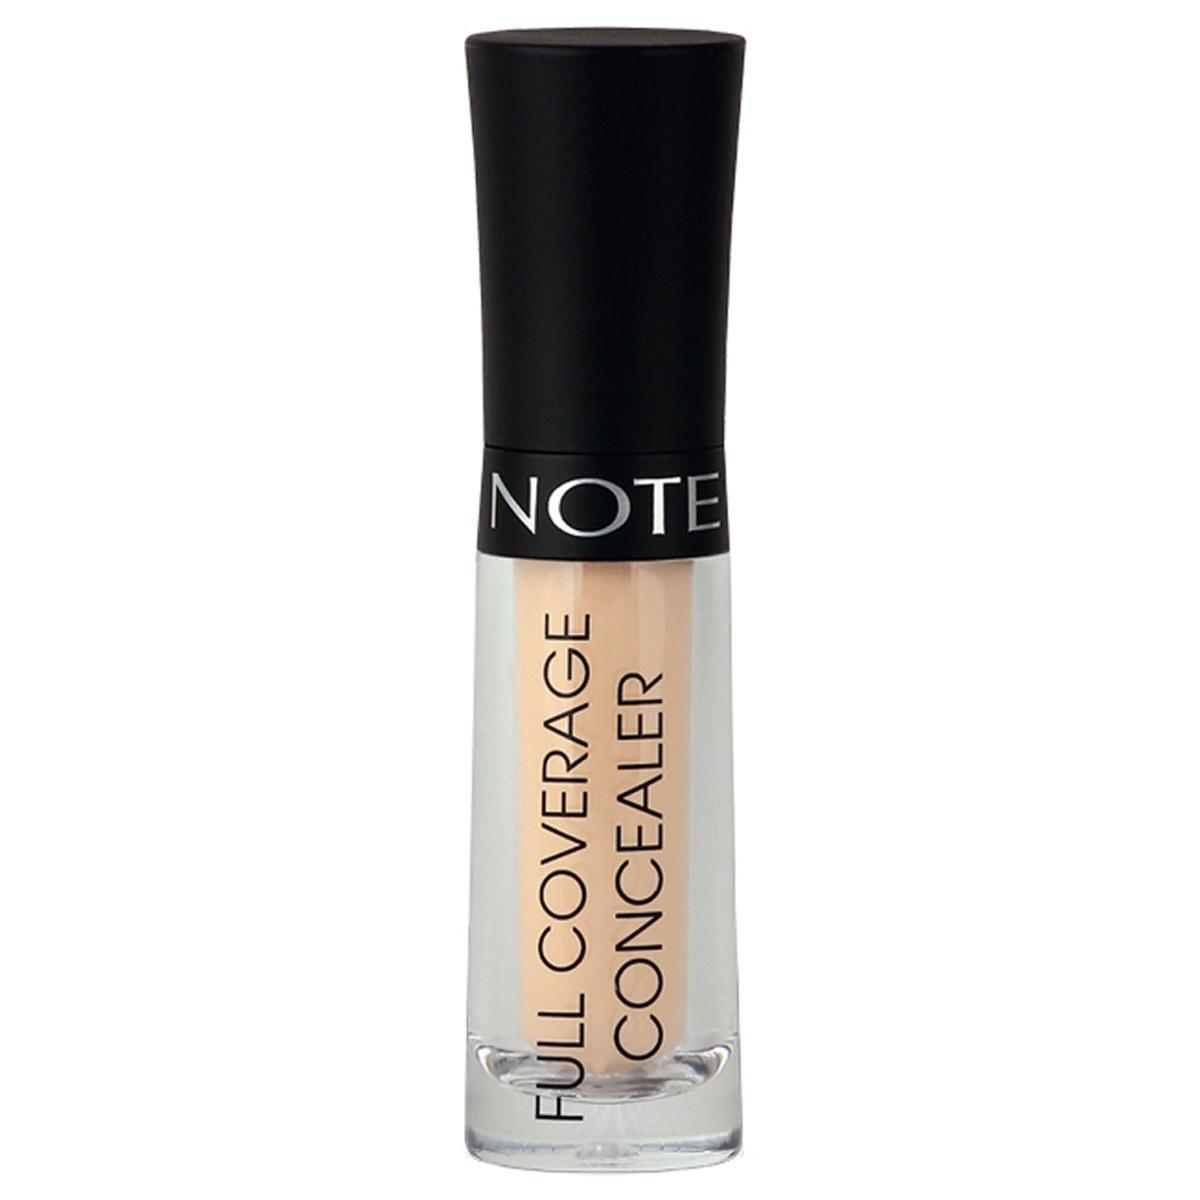 تصویر کانسیلر مایع نوت مدل Full Coverage شماره 01 - عاجی Note Full Coverage Liquid Concealer No.01 Ivory